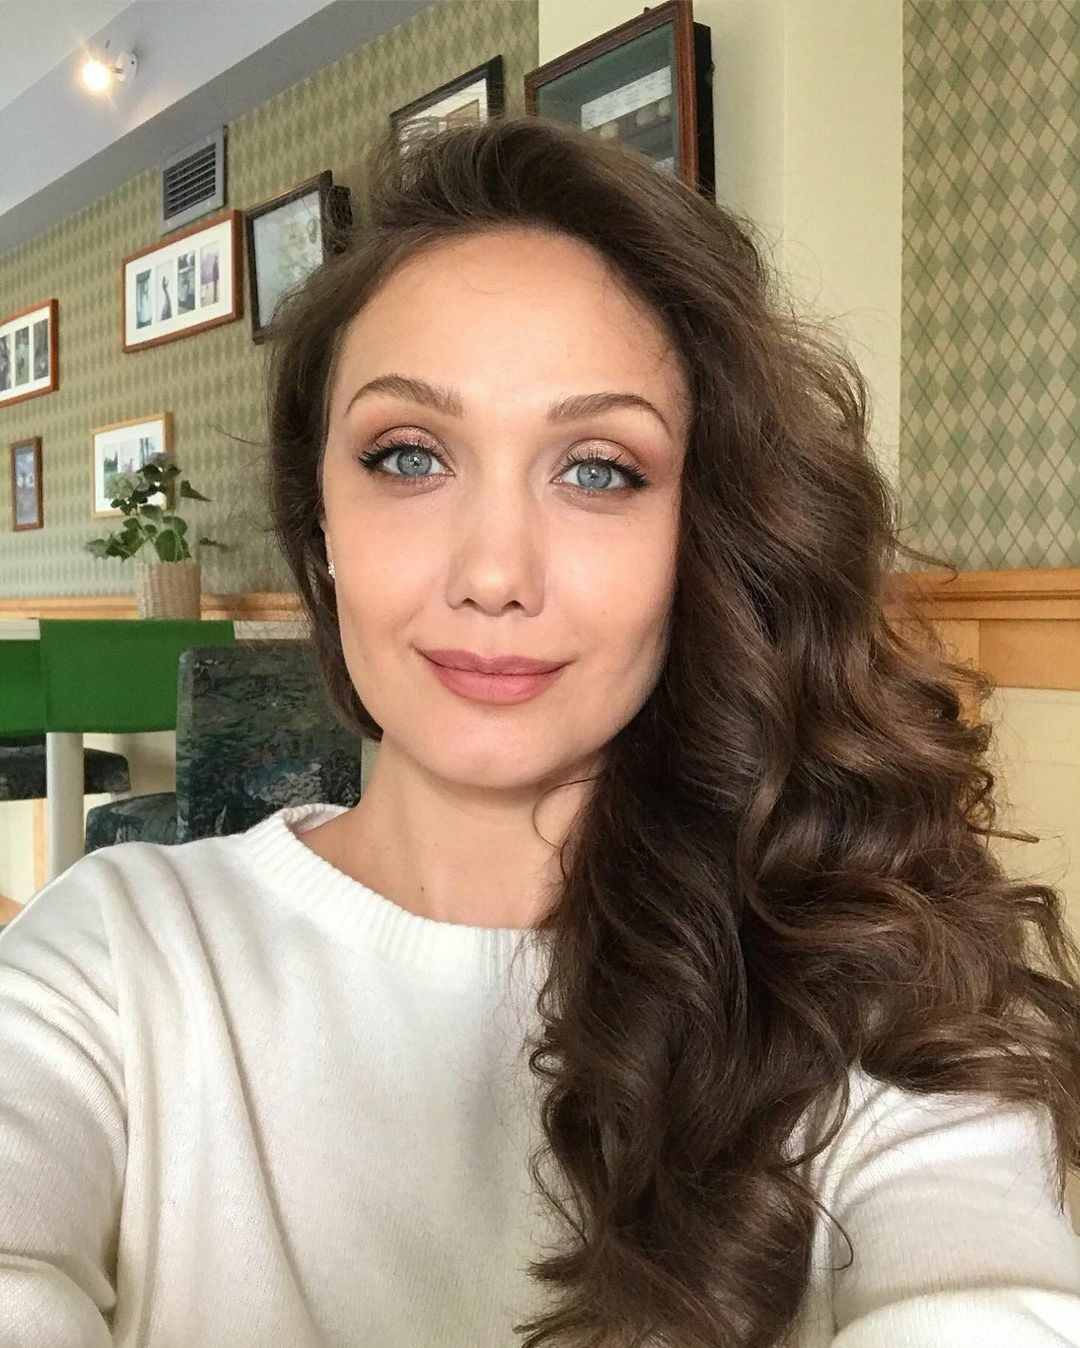 Евгения Власова рассказала вернется ли в шоу-бизнес